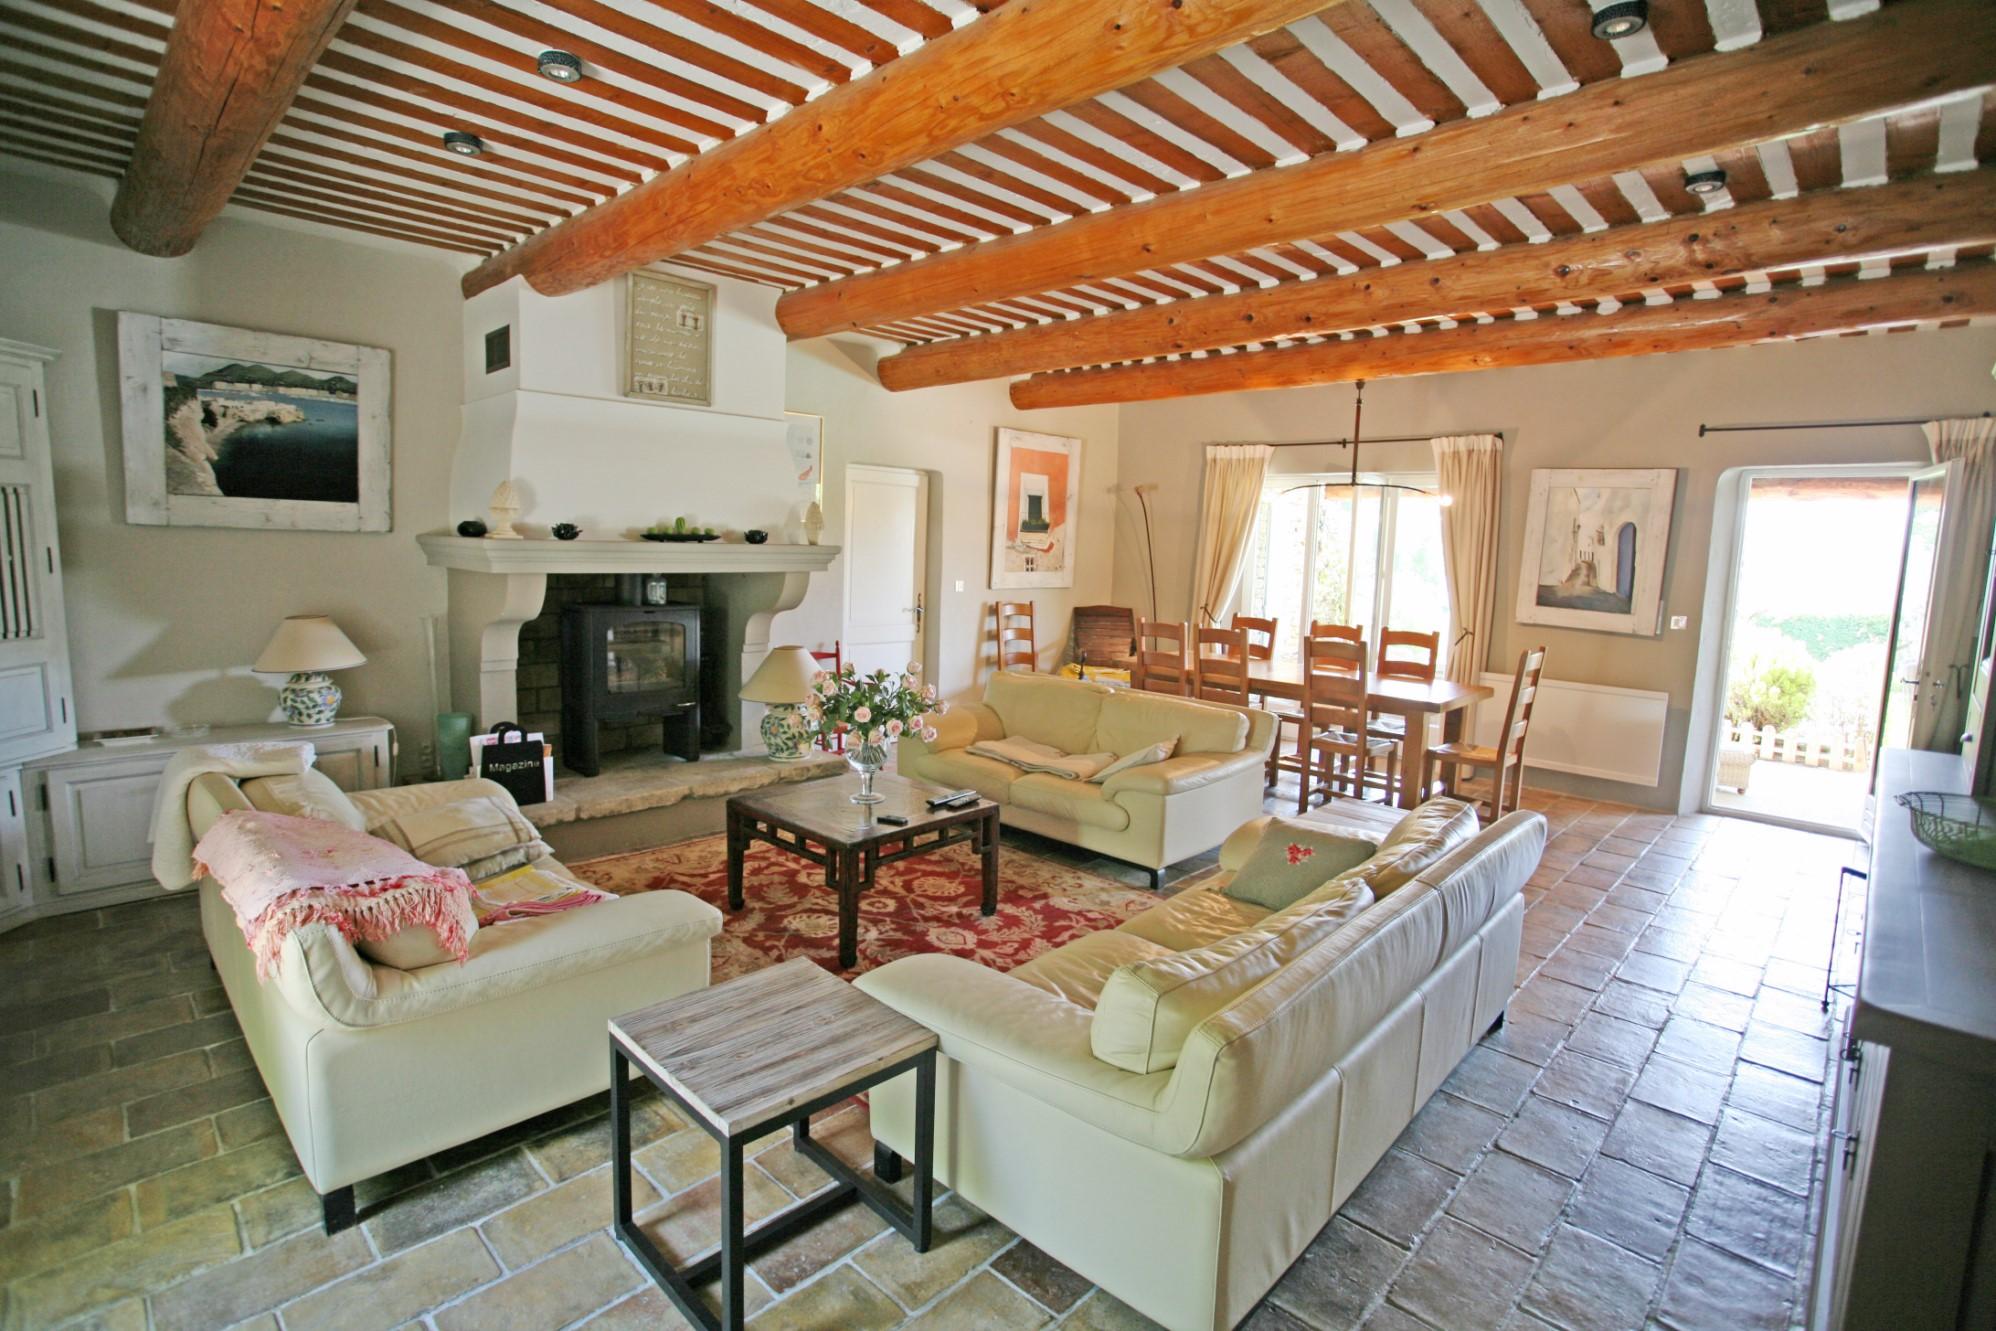 A vendre en Luberon,  proche de Gordes, jolie maison en pierres   avec piscine et tennis